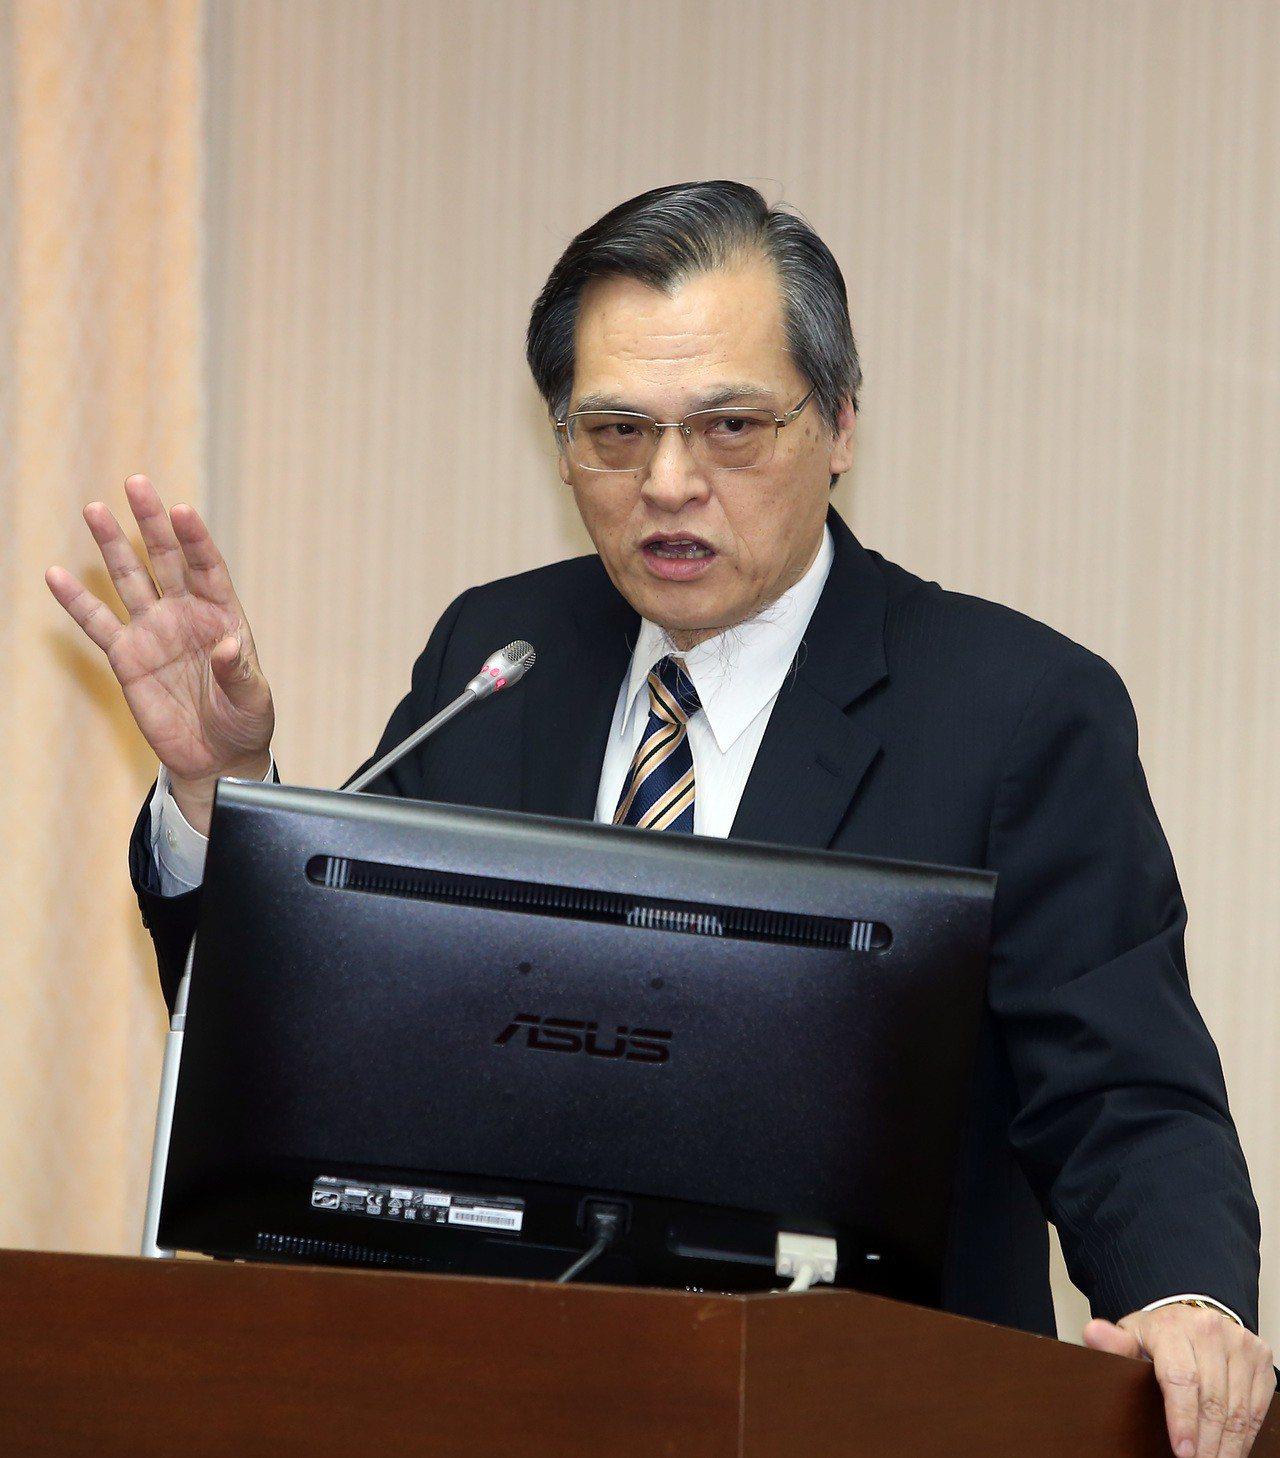 陸委會主委陳明通上午到立法院內政委員會備詢。 記者曾吉松/攝影